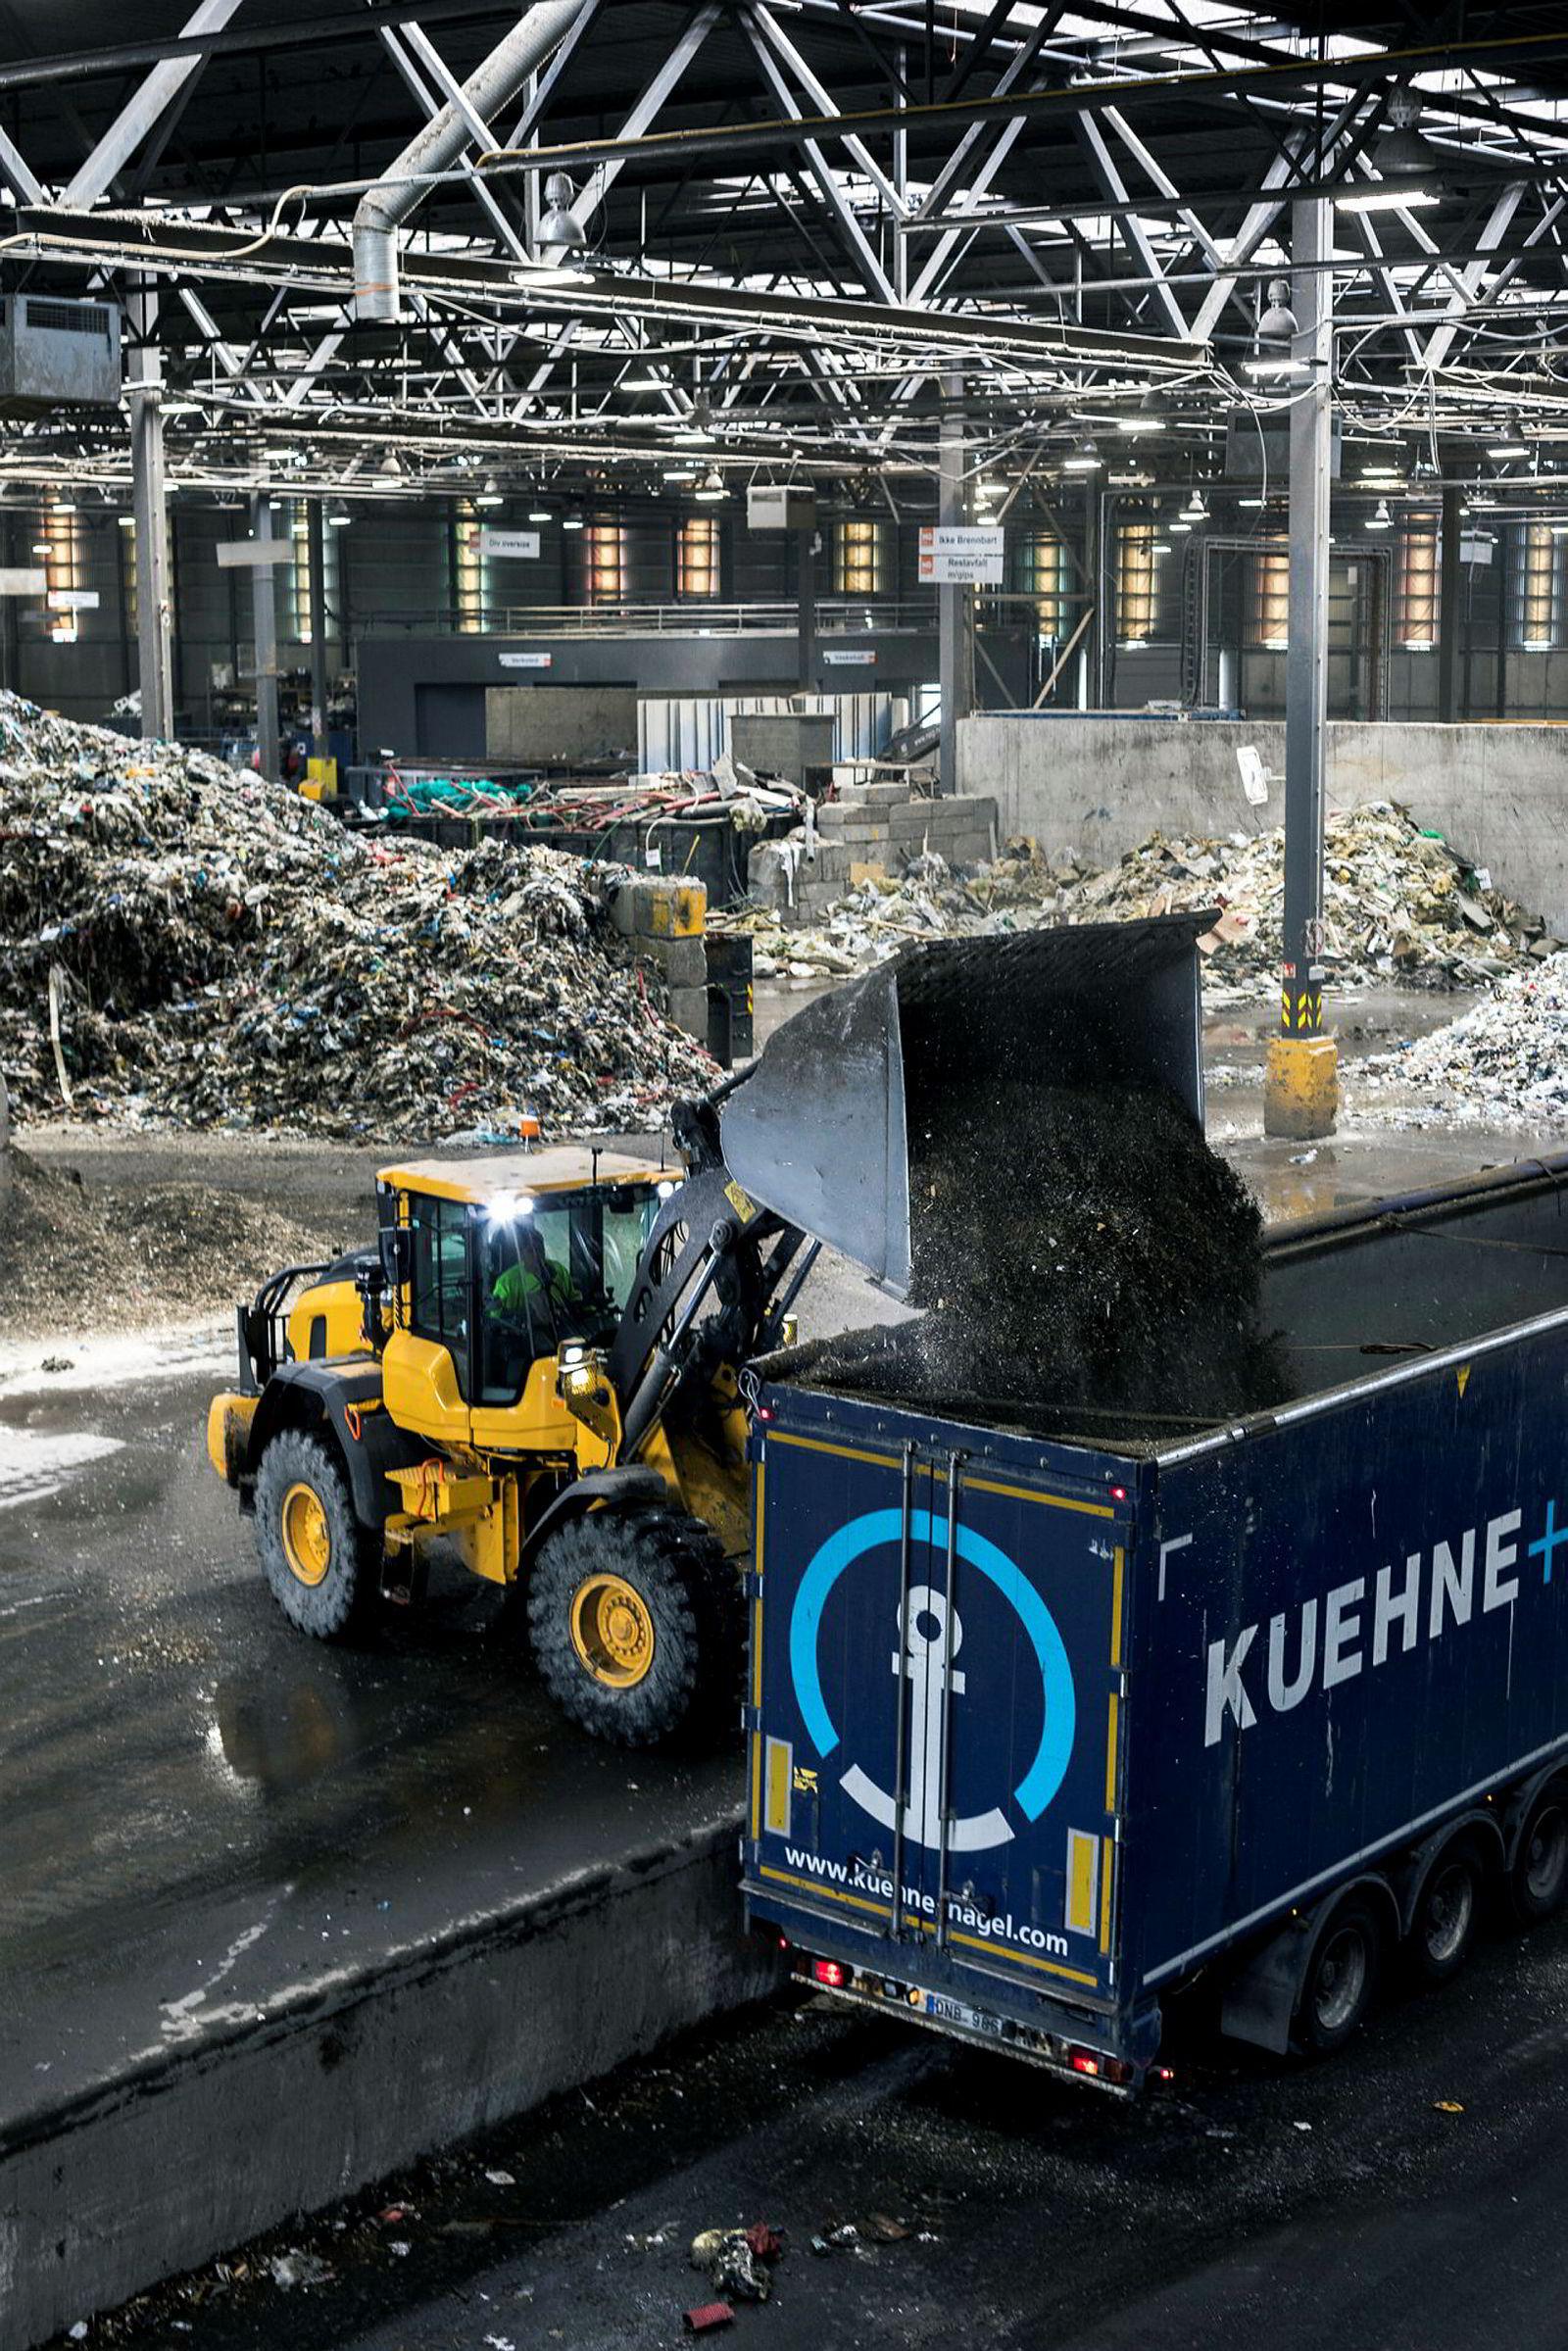 På Haraldrud utenfor Oslo har Norsk Gjenvinning et stort anlegg for avfallshåndtering. Nær halvparten av alt resirkulert papir i landet går gjennom dette anlegget.